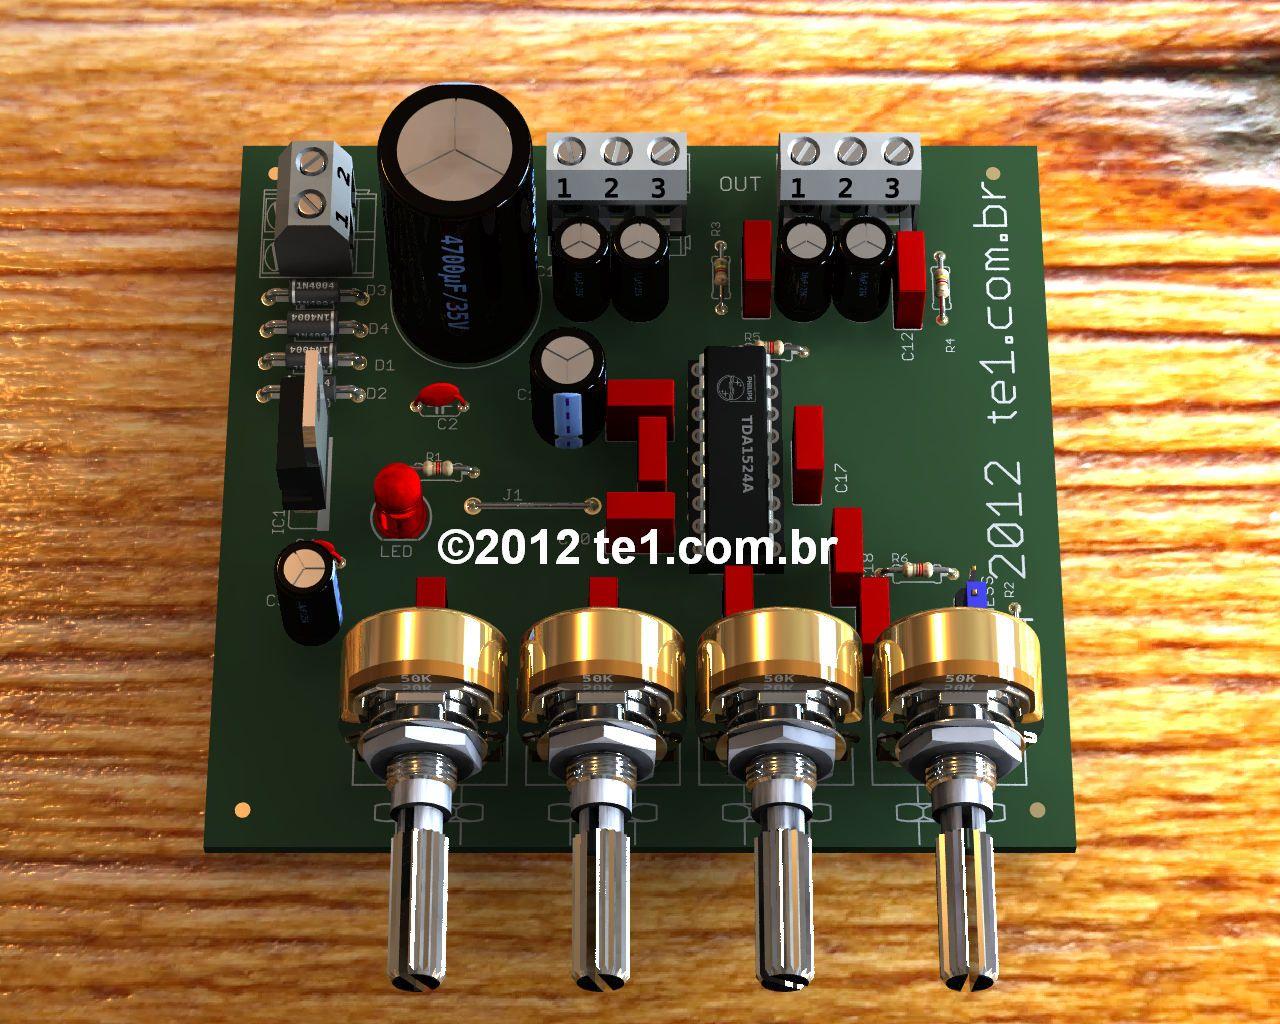 Pre Amplificador Estereo Tda1524a Bass Treble Circuito De Pr Tonal Lml3600 Variable Gain Amplifier Circuit Amplifiercircuit Estreo Com Ci Ajuste Graves Agudos